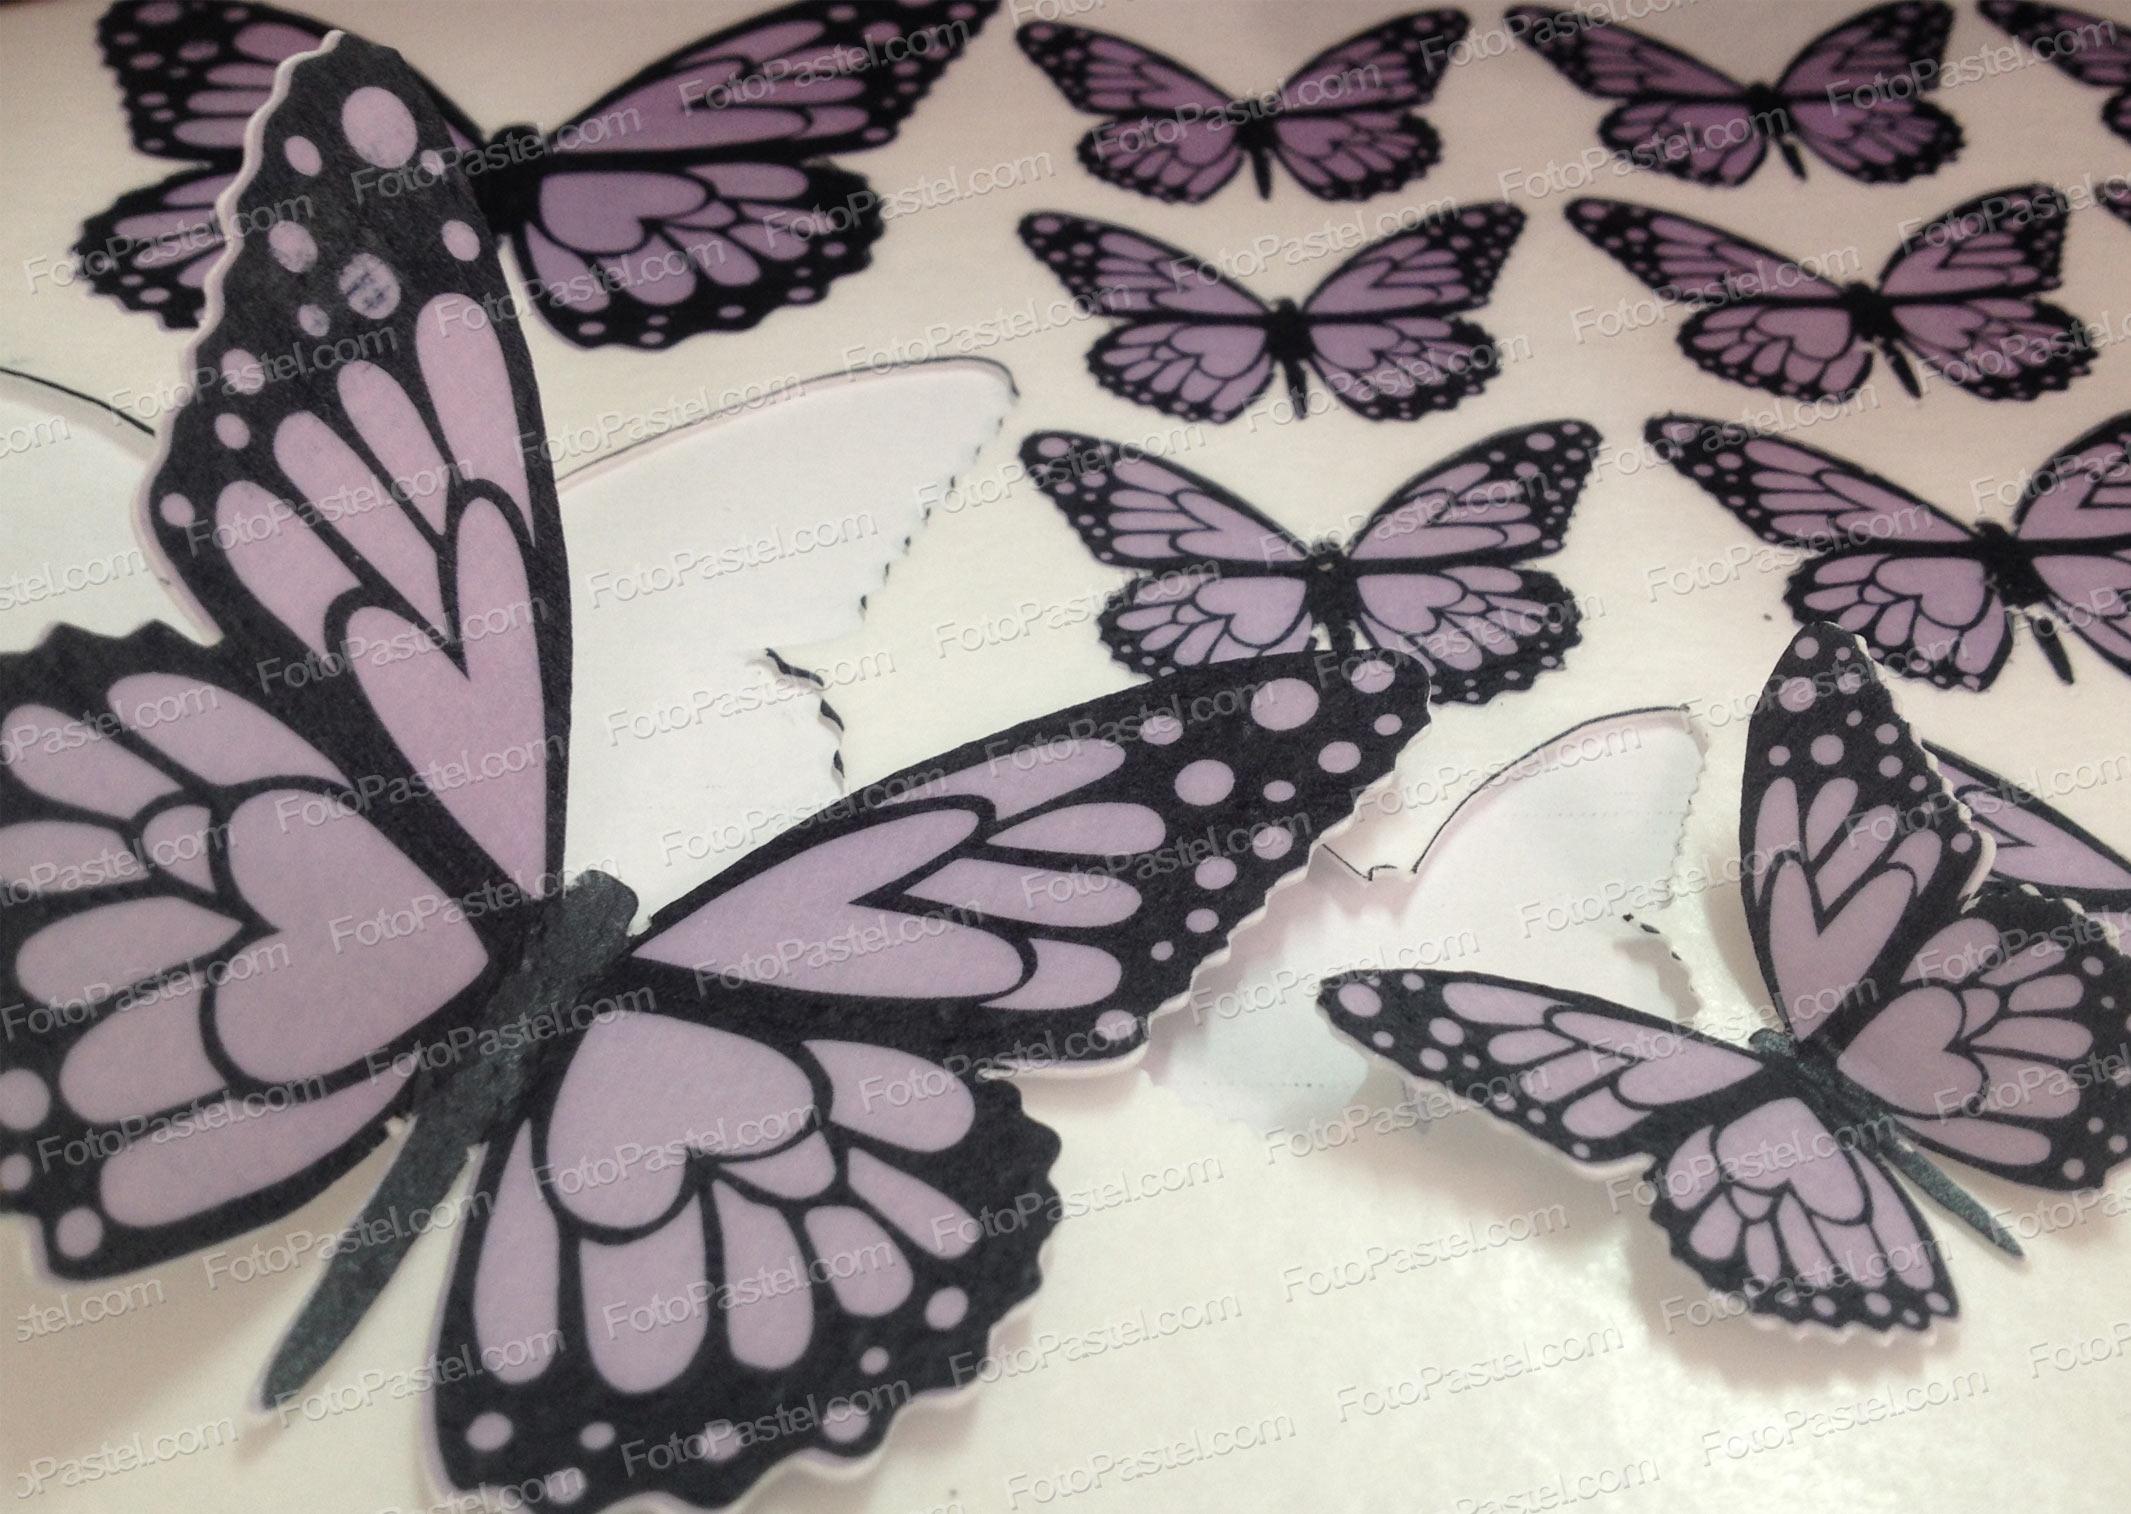 Mariposas en papel de arroz precortado fpdpm11c - Papel de arroz para decorar muebles ...